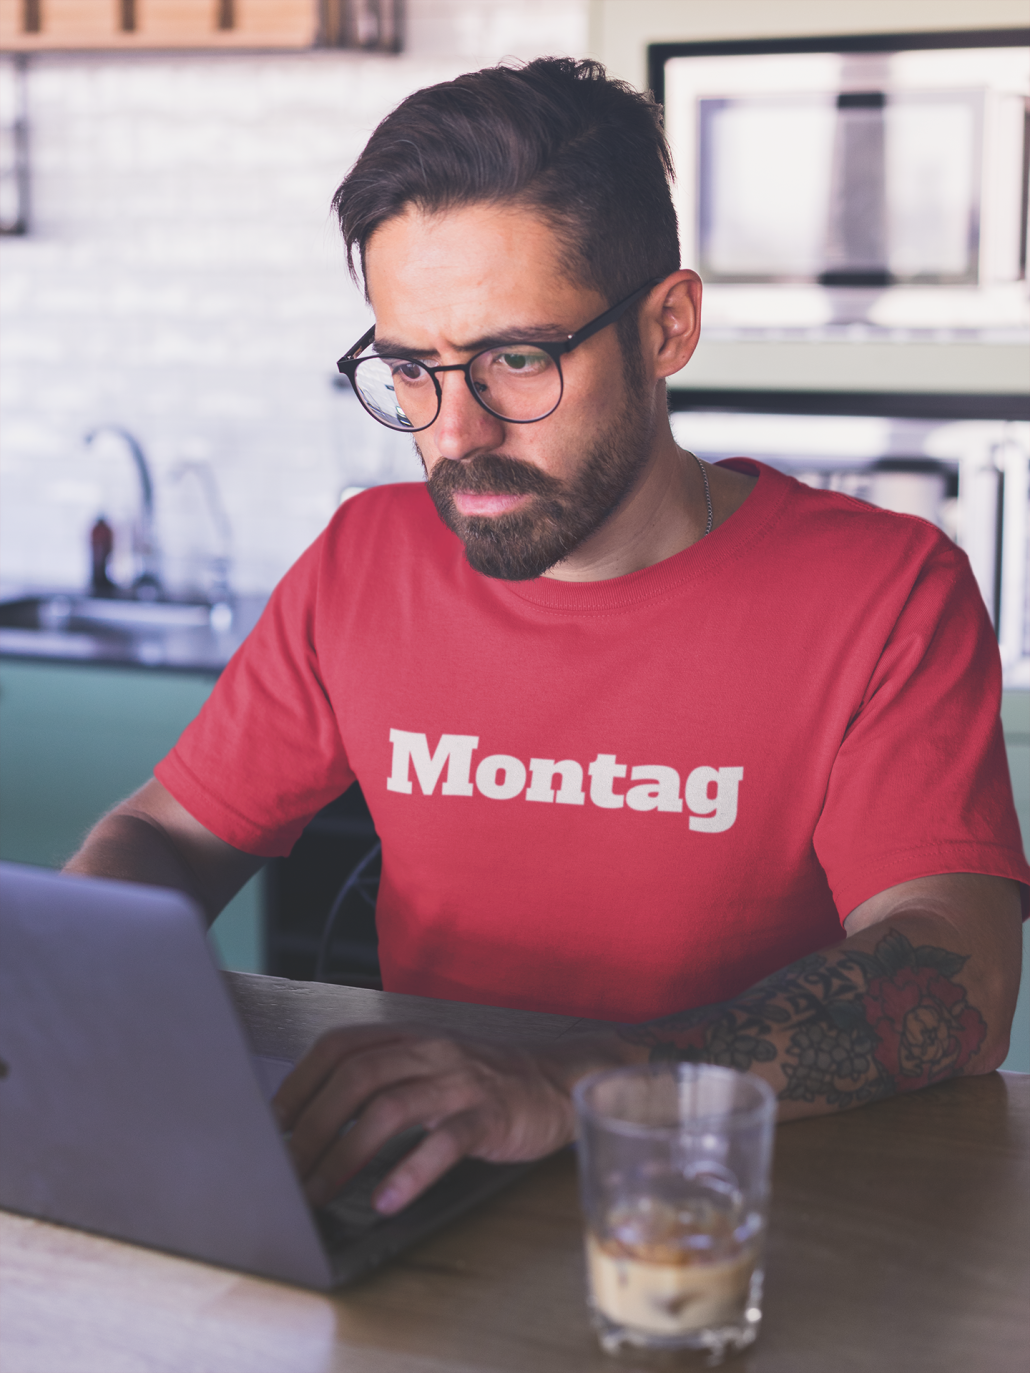 Mann arbeitet mit Montag T-Shirt am Rechner.